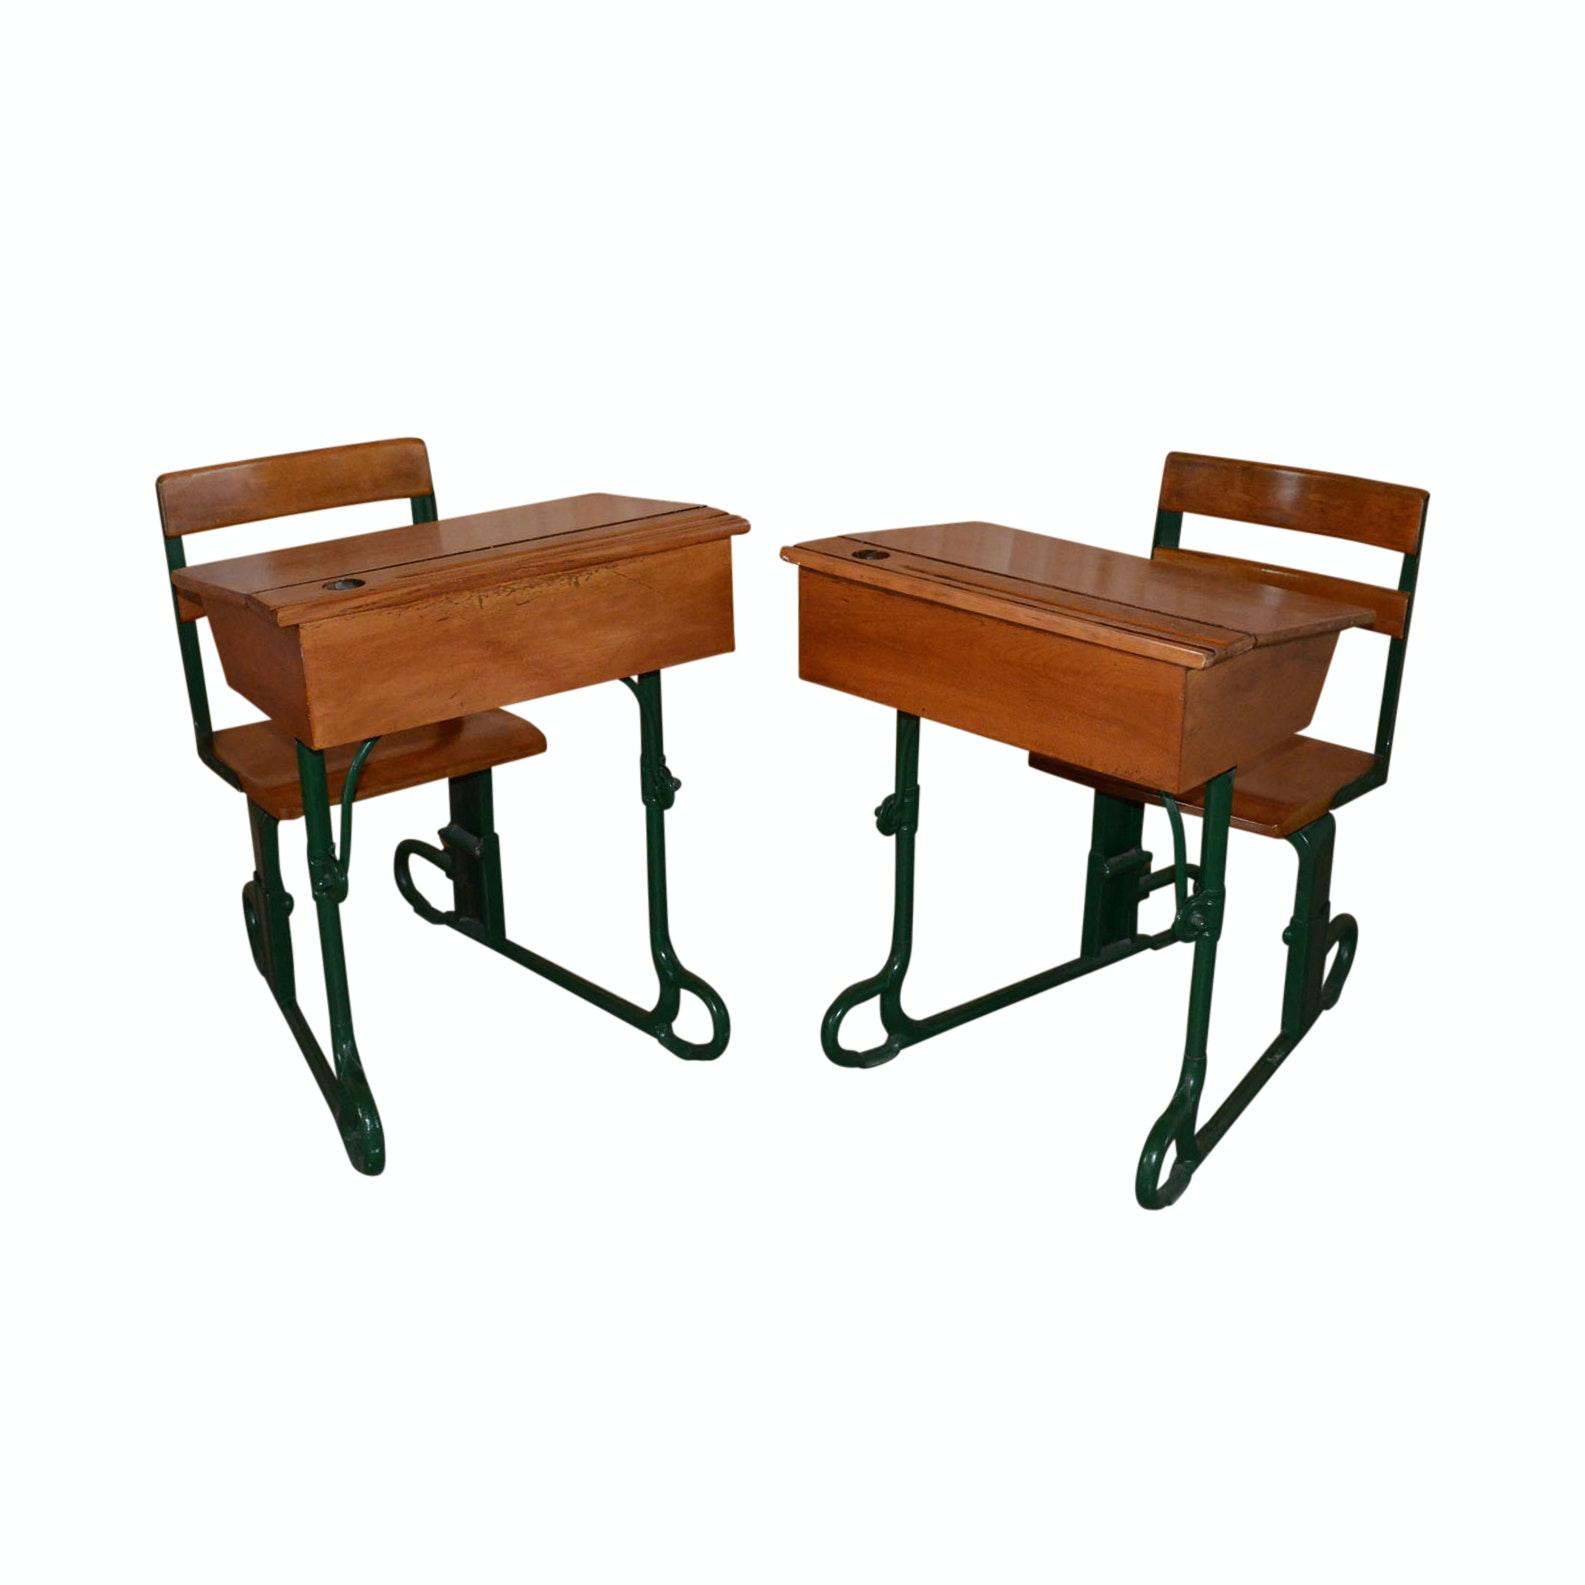 Pair of Vintage Metal and Maple School Desks